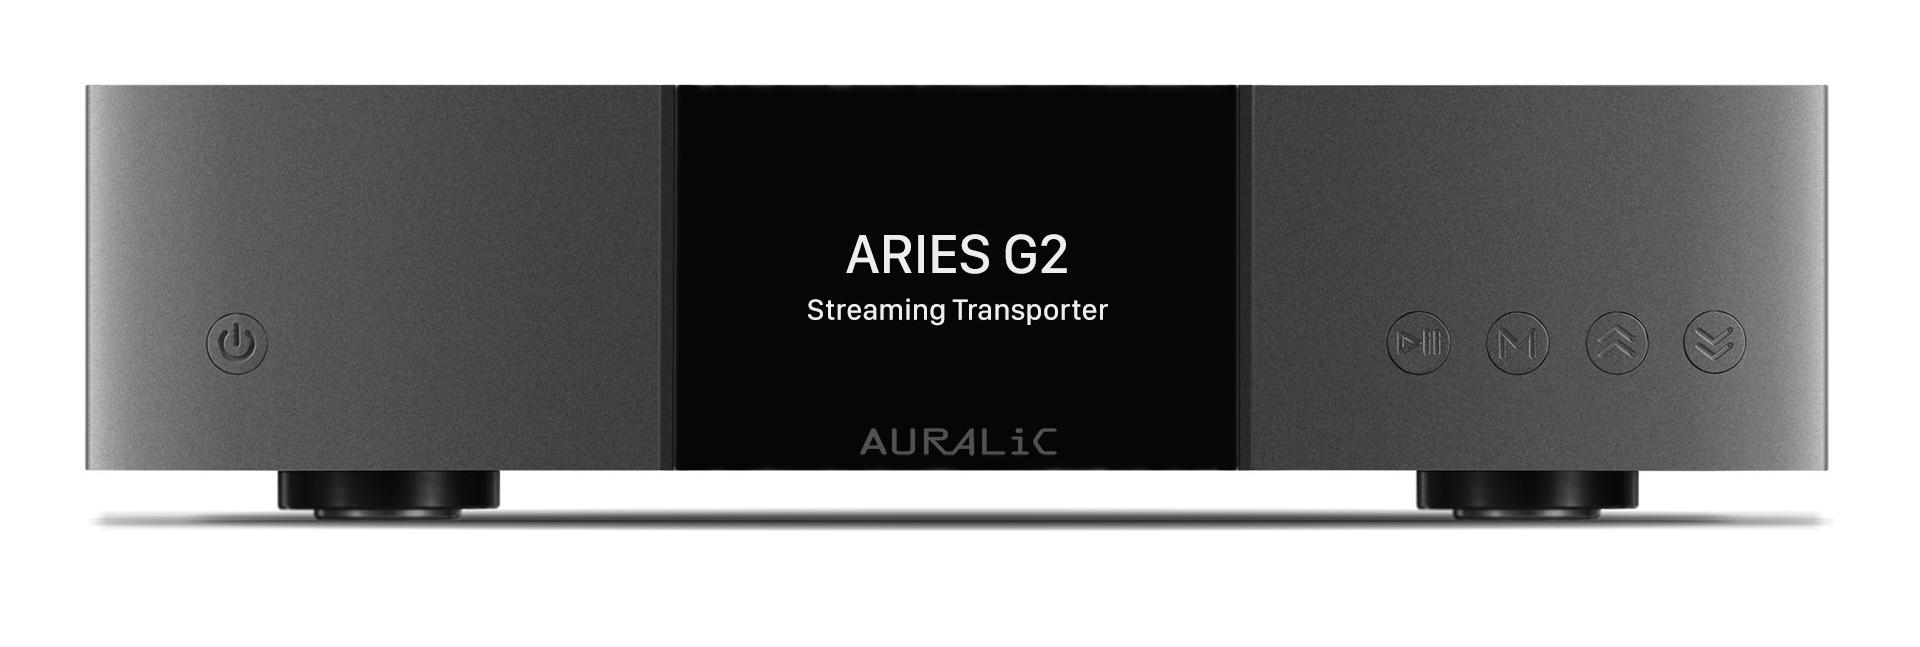 AURALiC Aries G2 Streaming Transporter